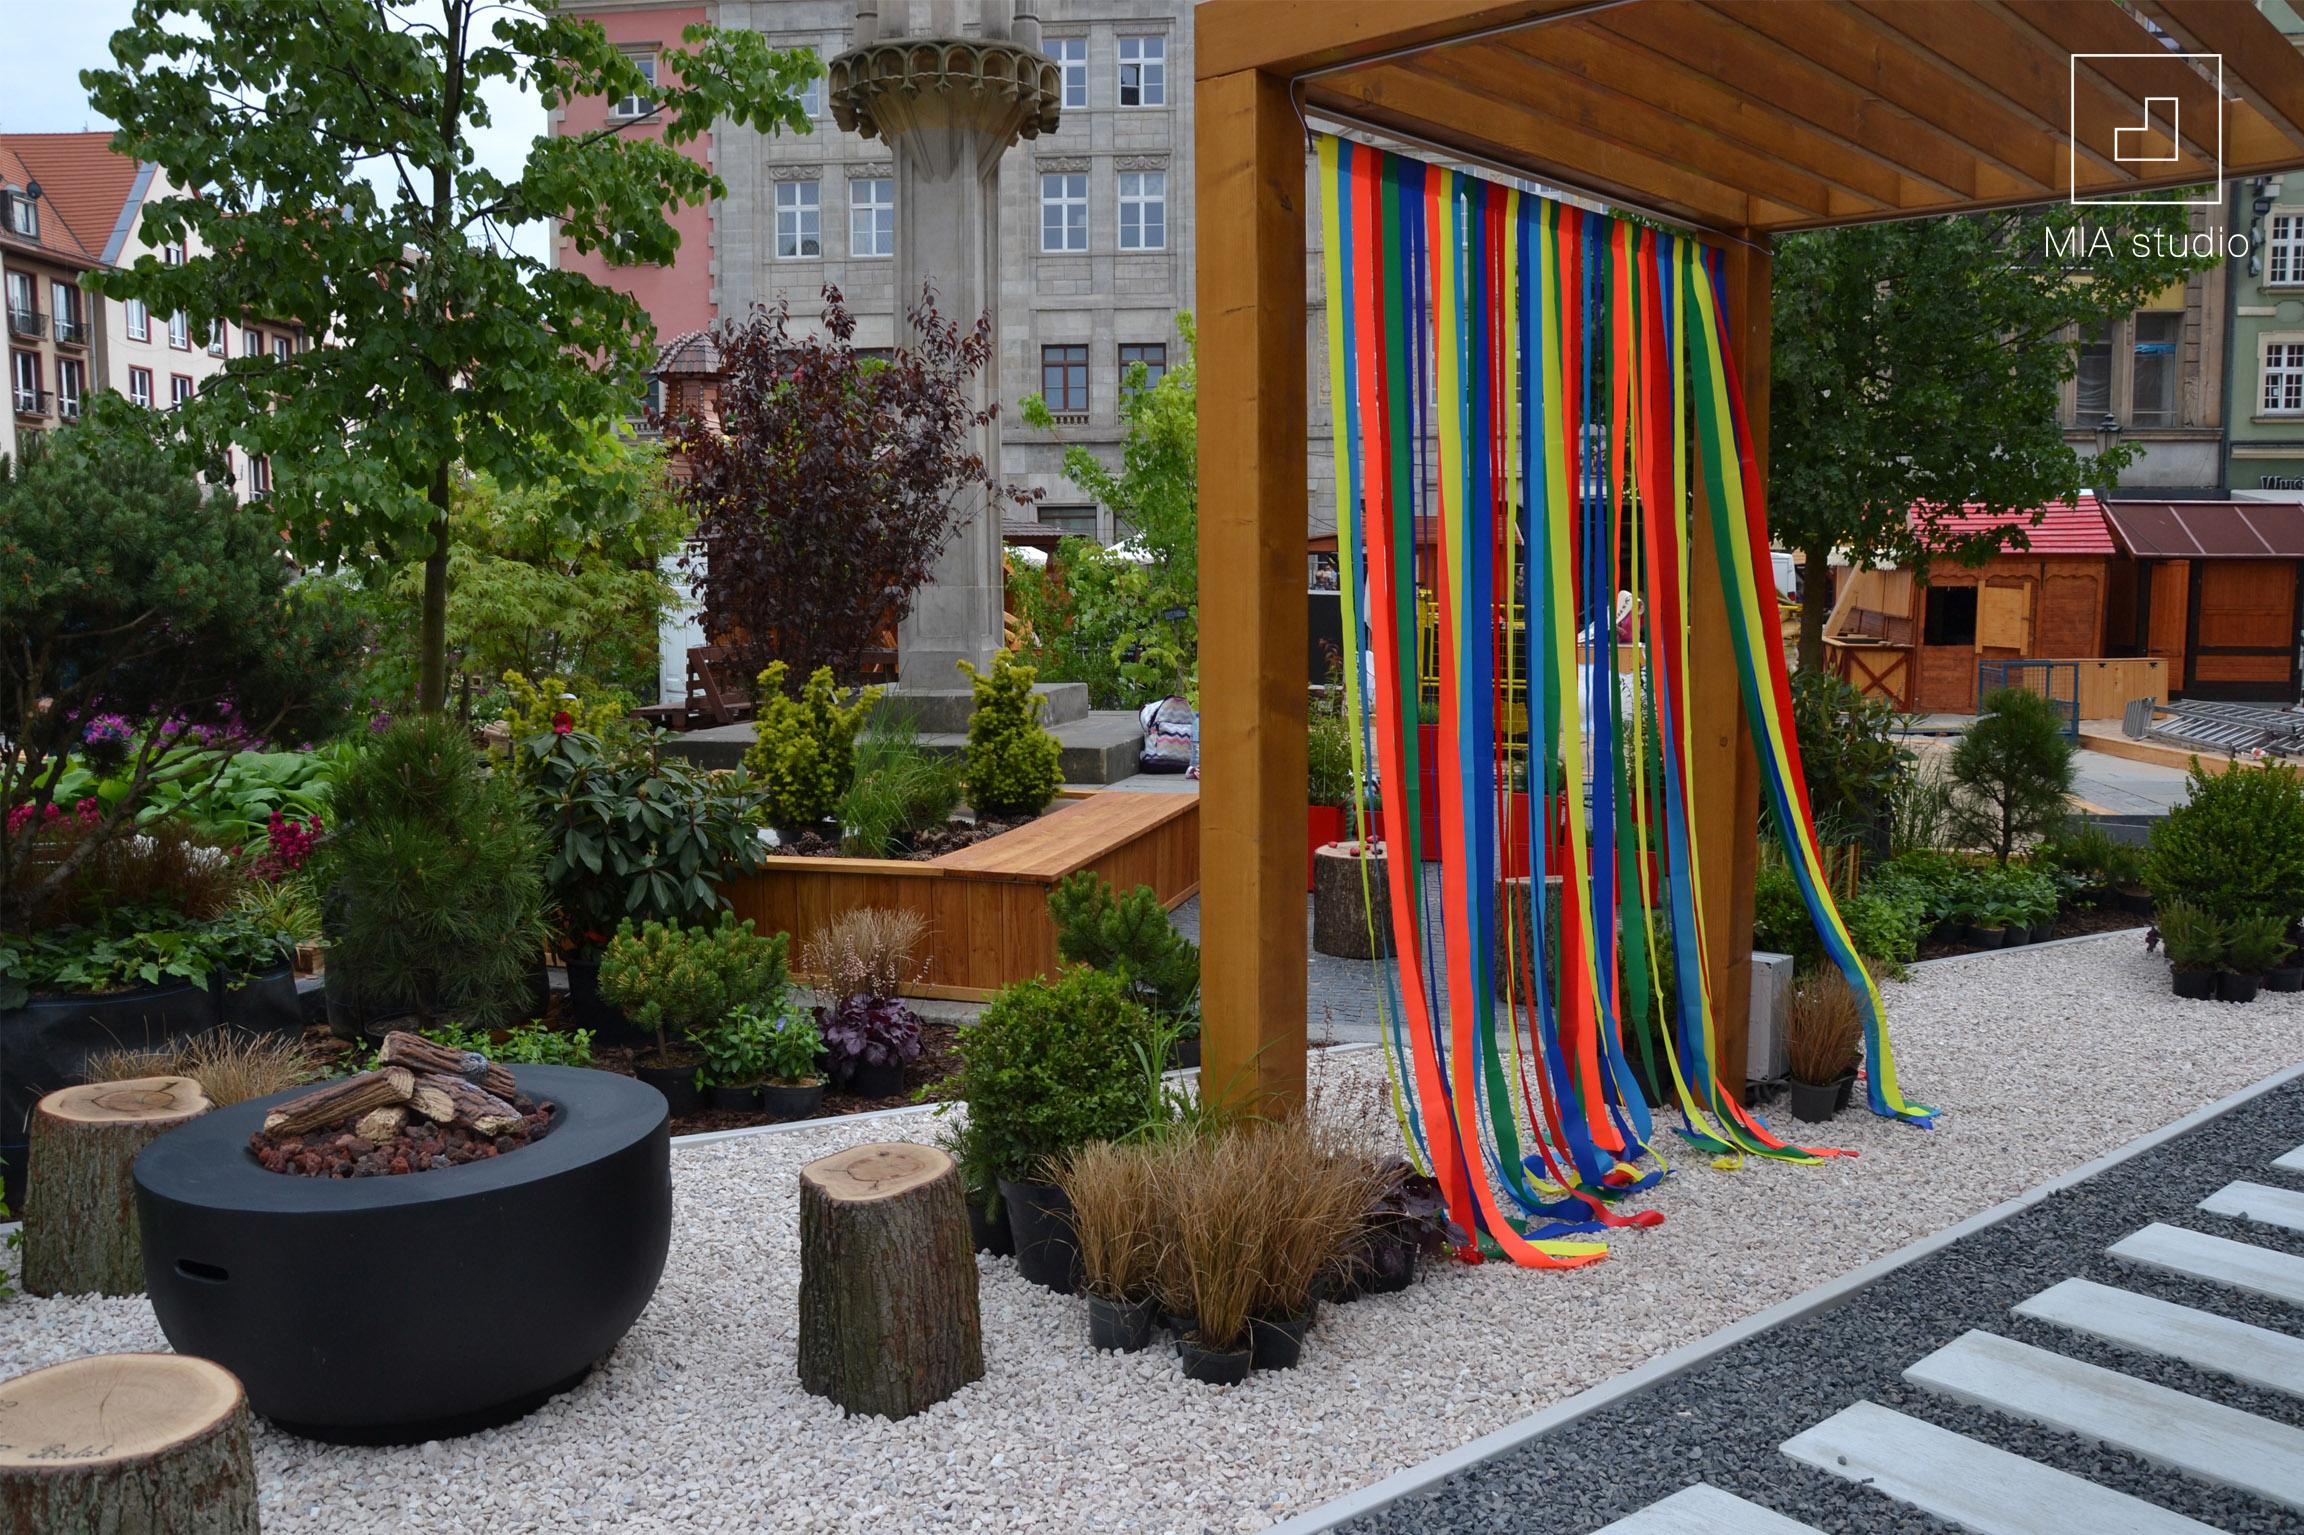 ogród pokazowy we Wrocławiu